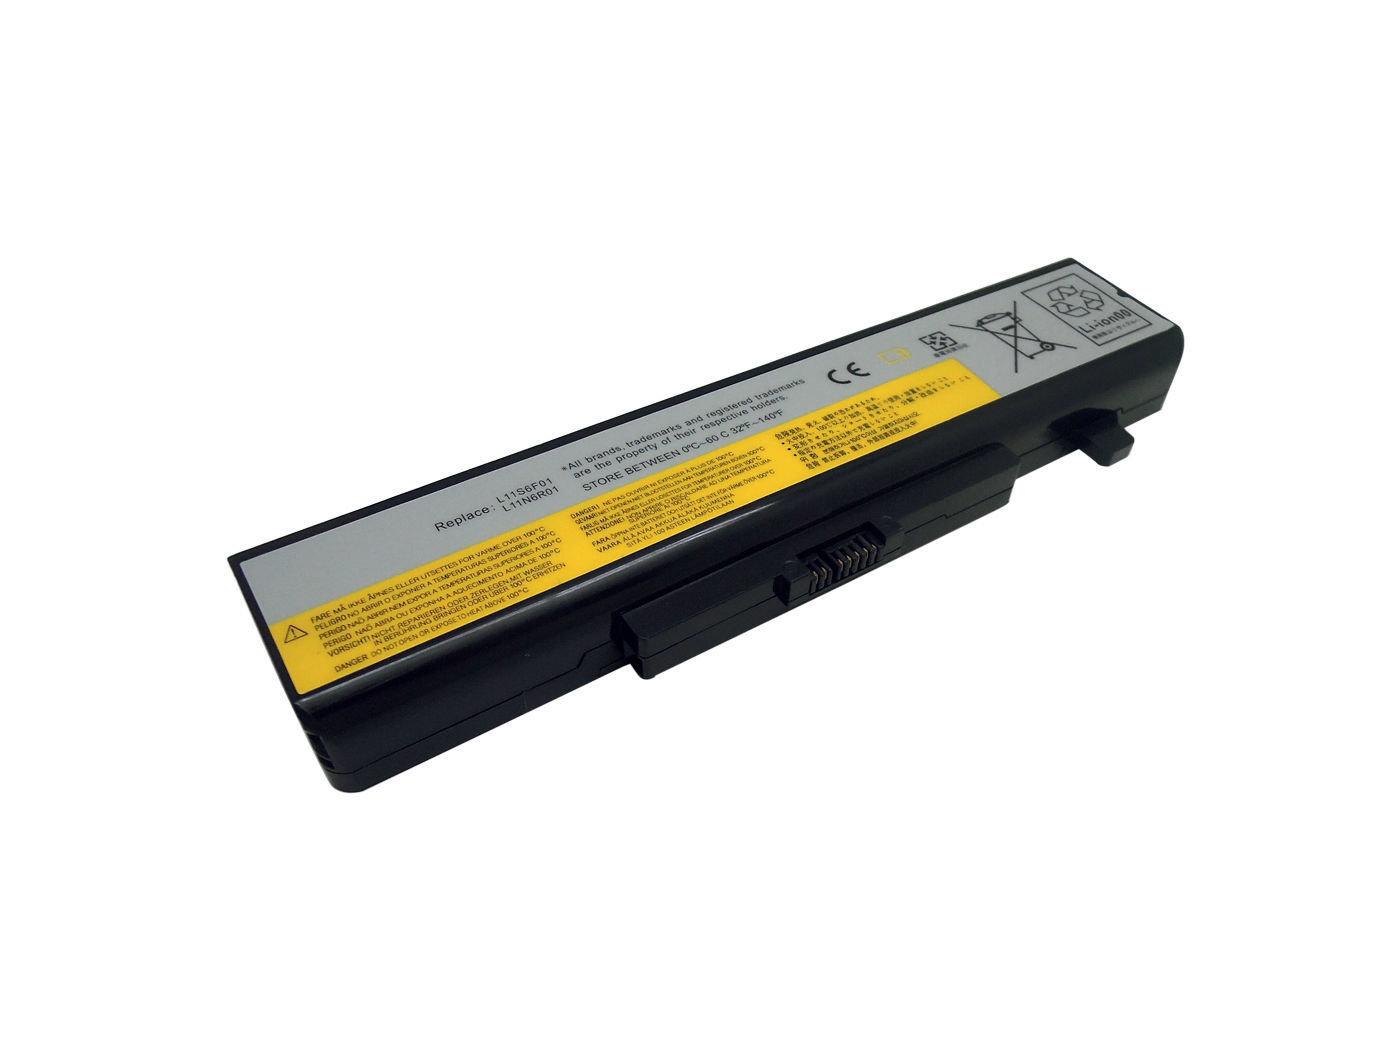 Lenovo M495 N586 V480 V480C N580 N581 N585 series laptop battery